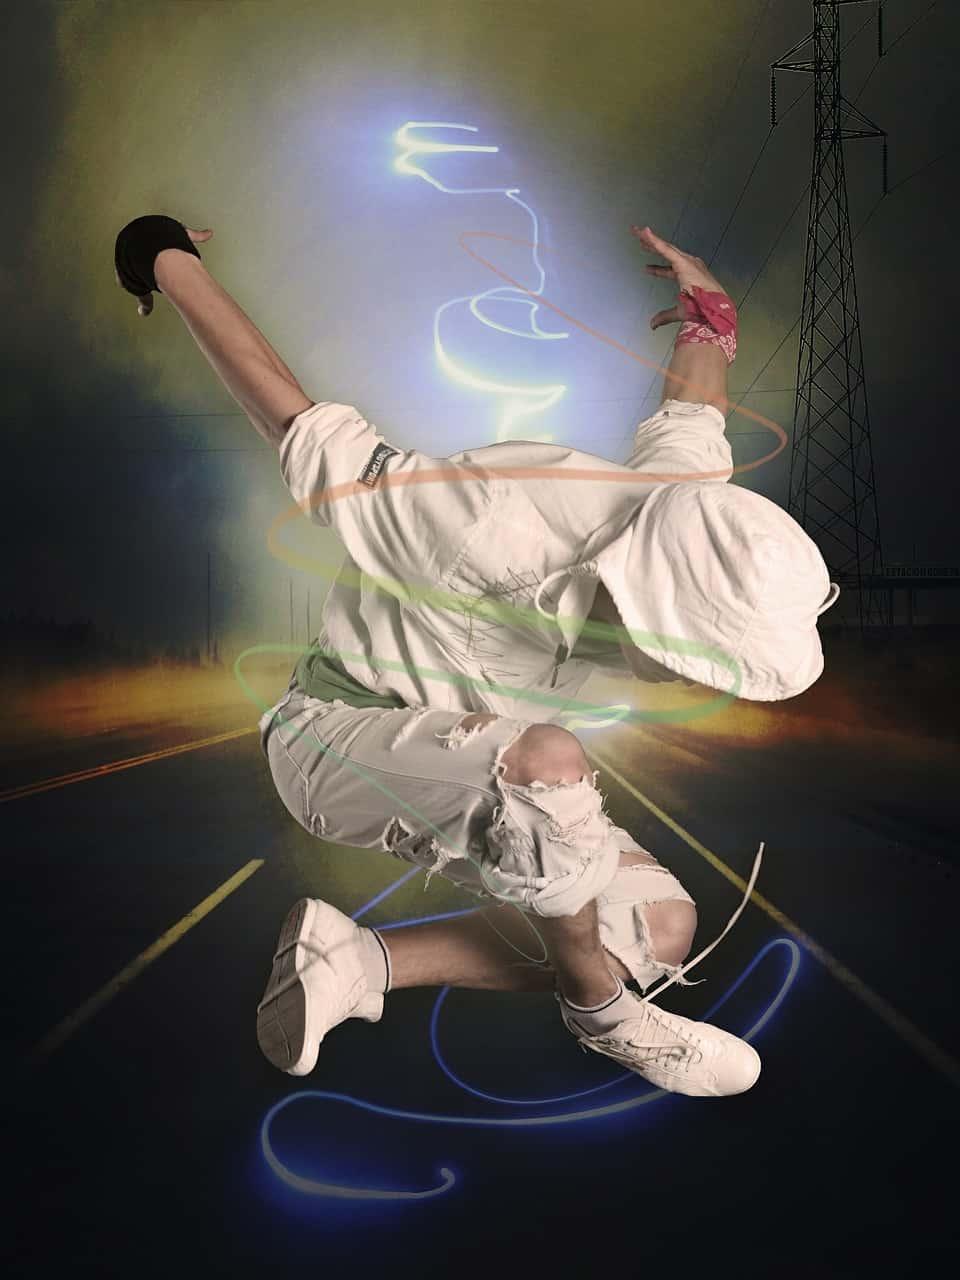 קורס ריקוד